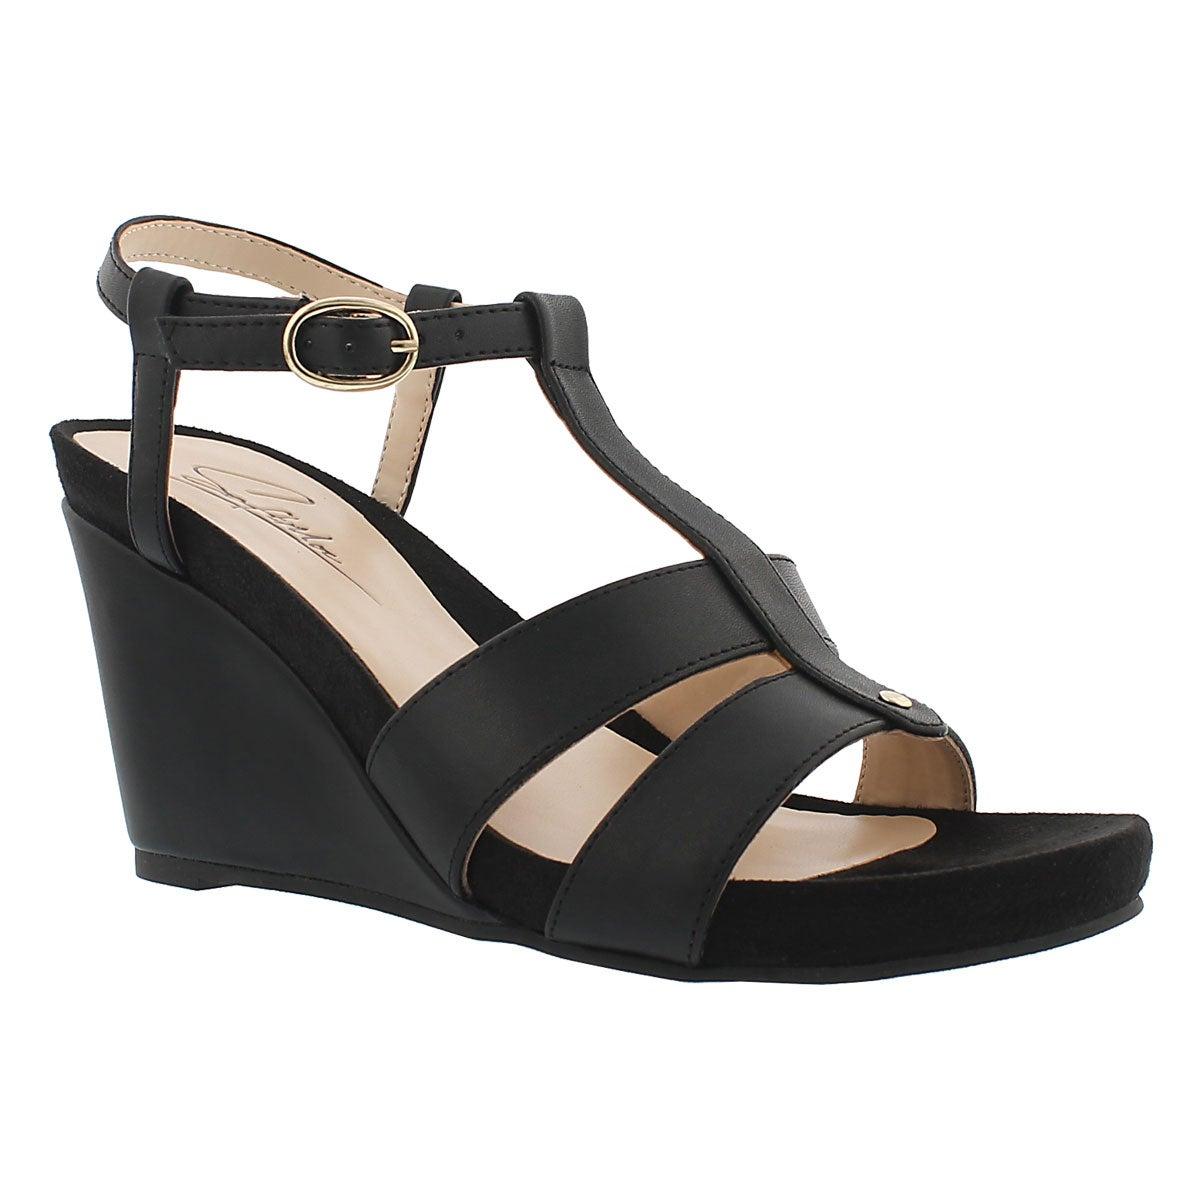 Women's GYPSY black memory foam wedge sandals